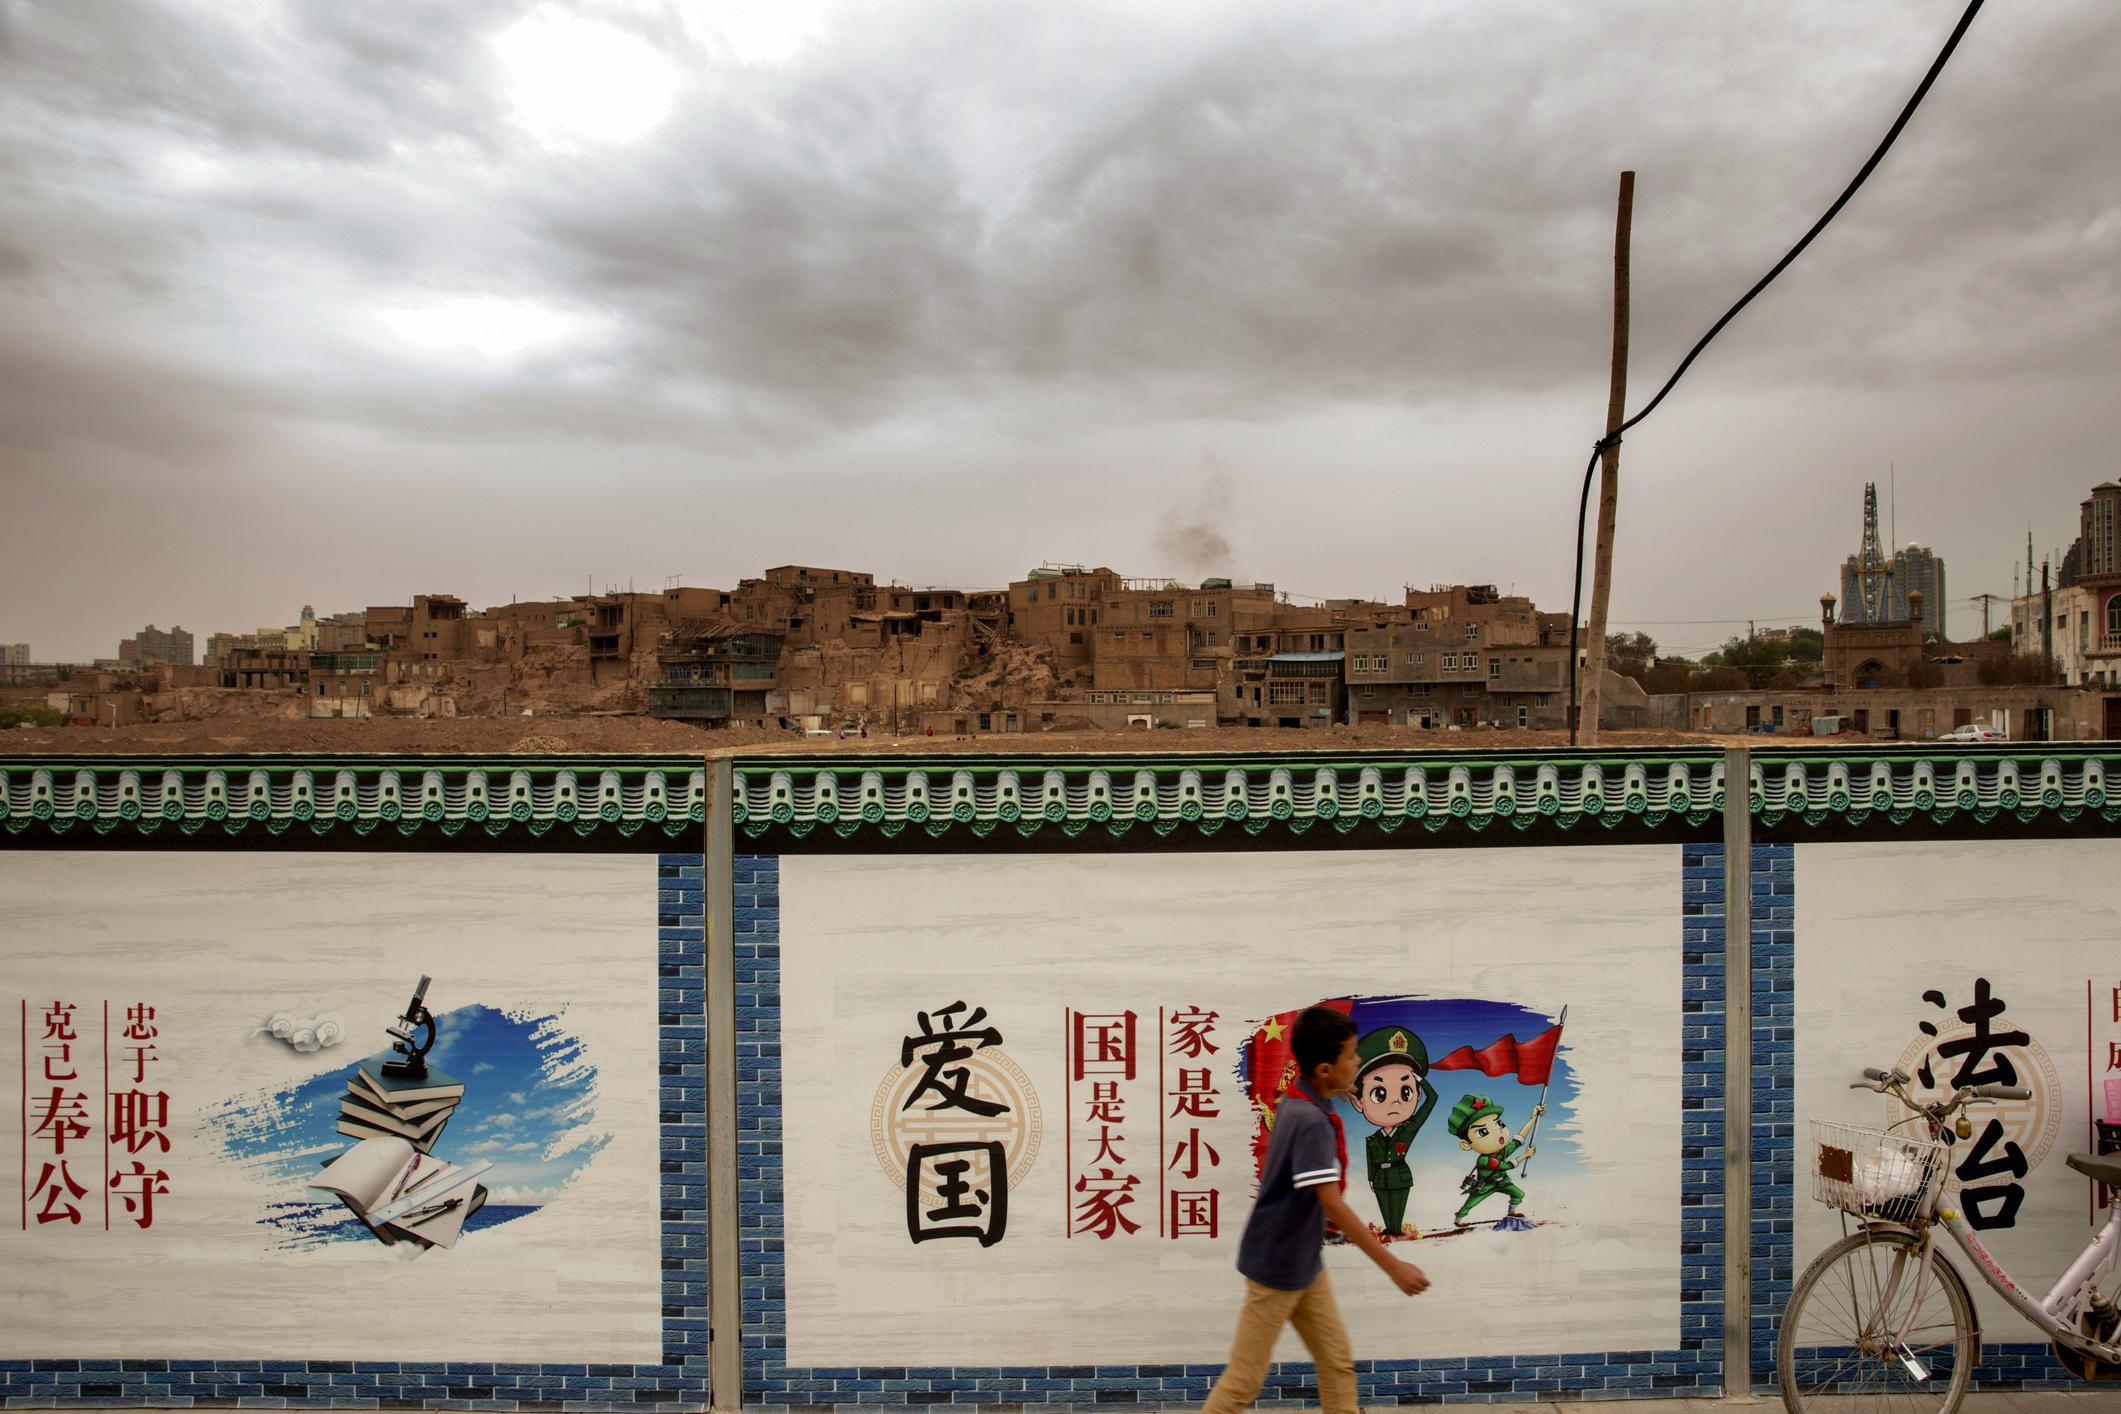 中國社會慣常見到各式宣傳標語,這類用詞對外國人,具有難以帶入的距離感。但蔡文軒認為,從詞彙用語的特性、包裝、脈絡,以及背後「潛台詞」,都能體現中共鞏固政權的運作基礎。圖│iStock